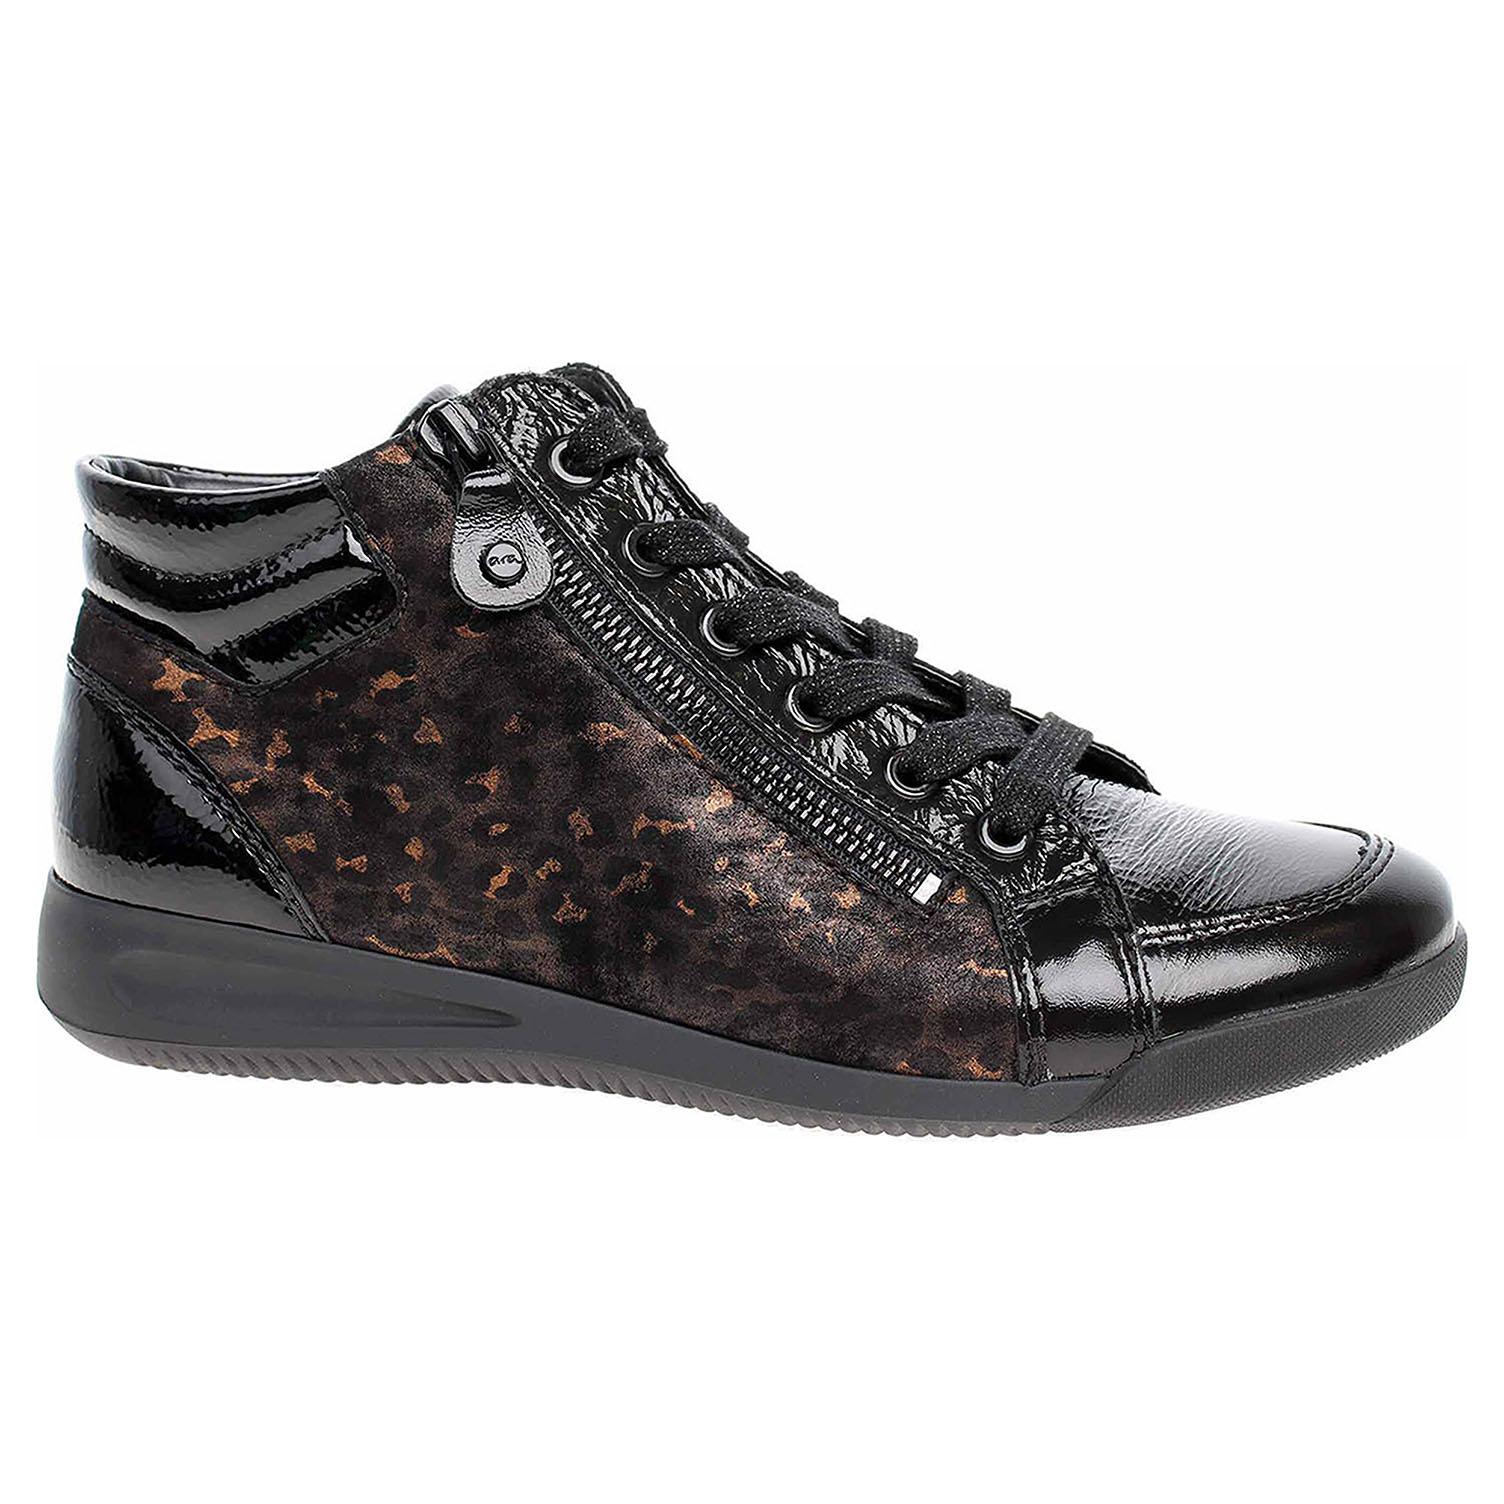 Dámská kotníková obuv Ara 12-44407-14 schwarz 12-44407-14 40